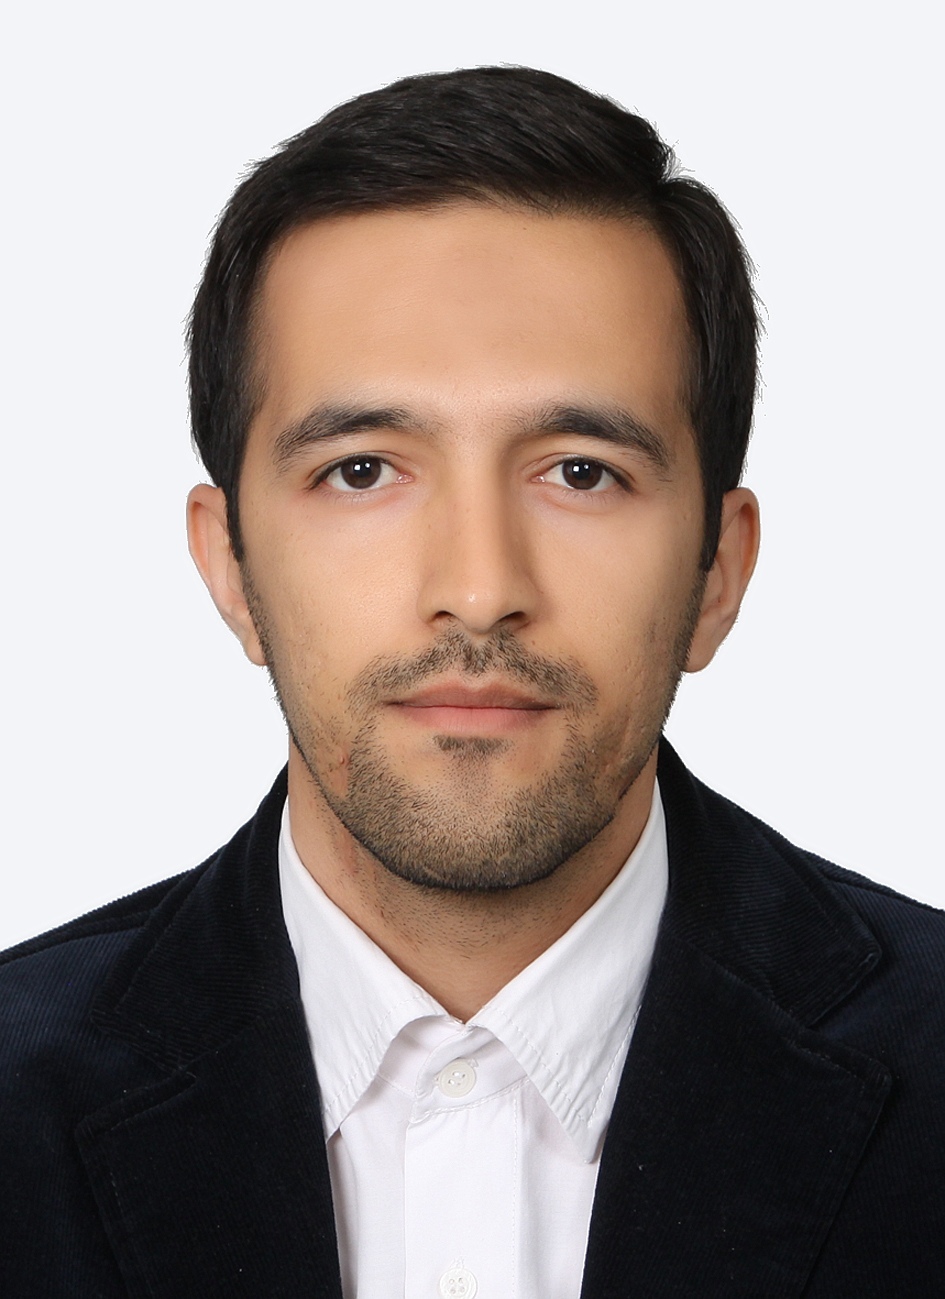 Wesleyan portrait of Mostafa  Mirabi